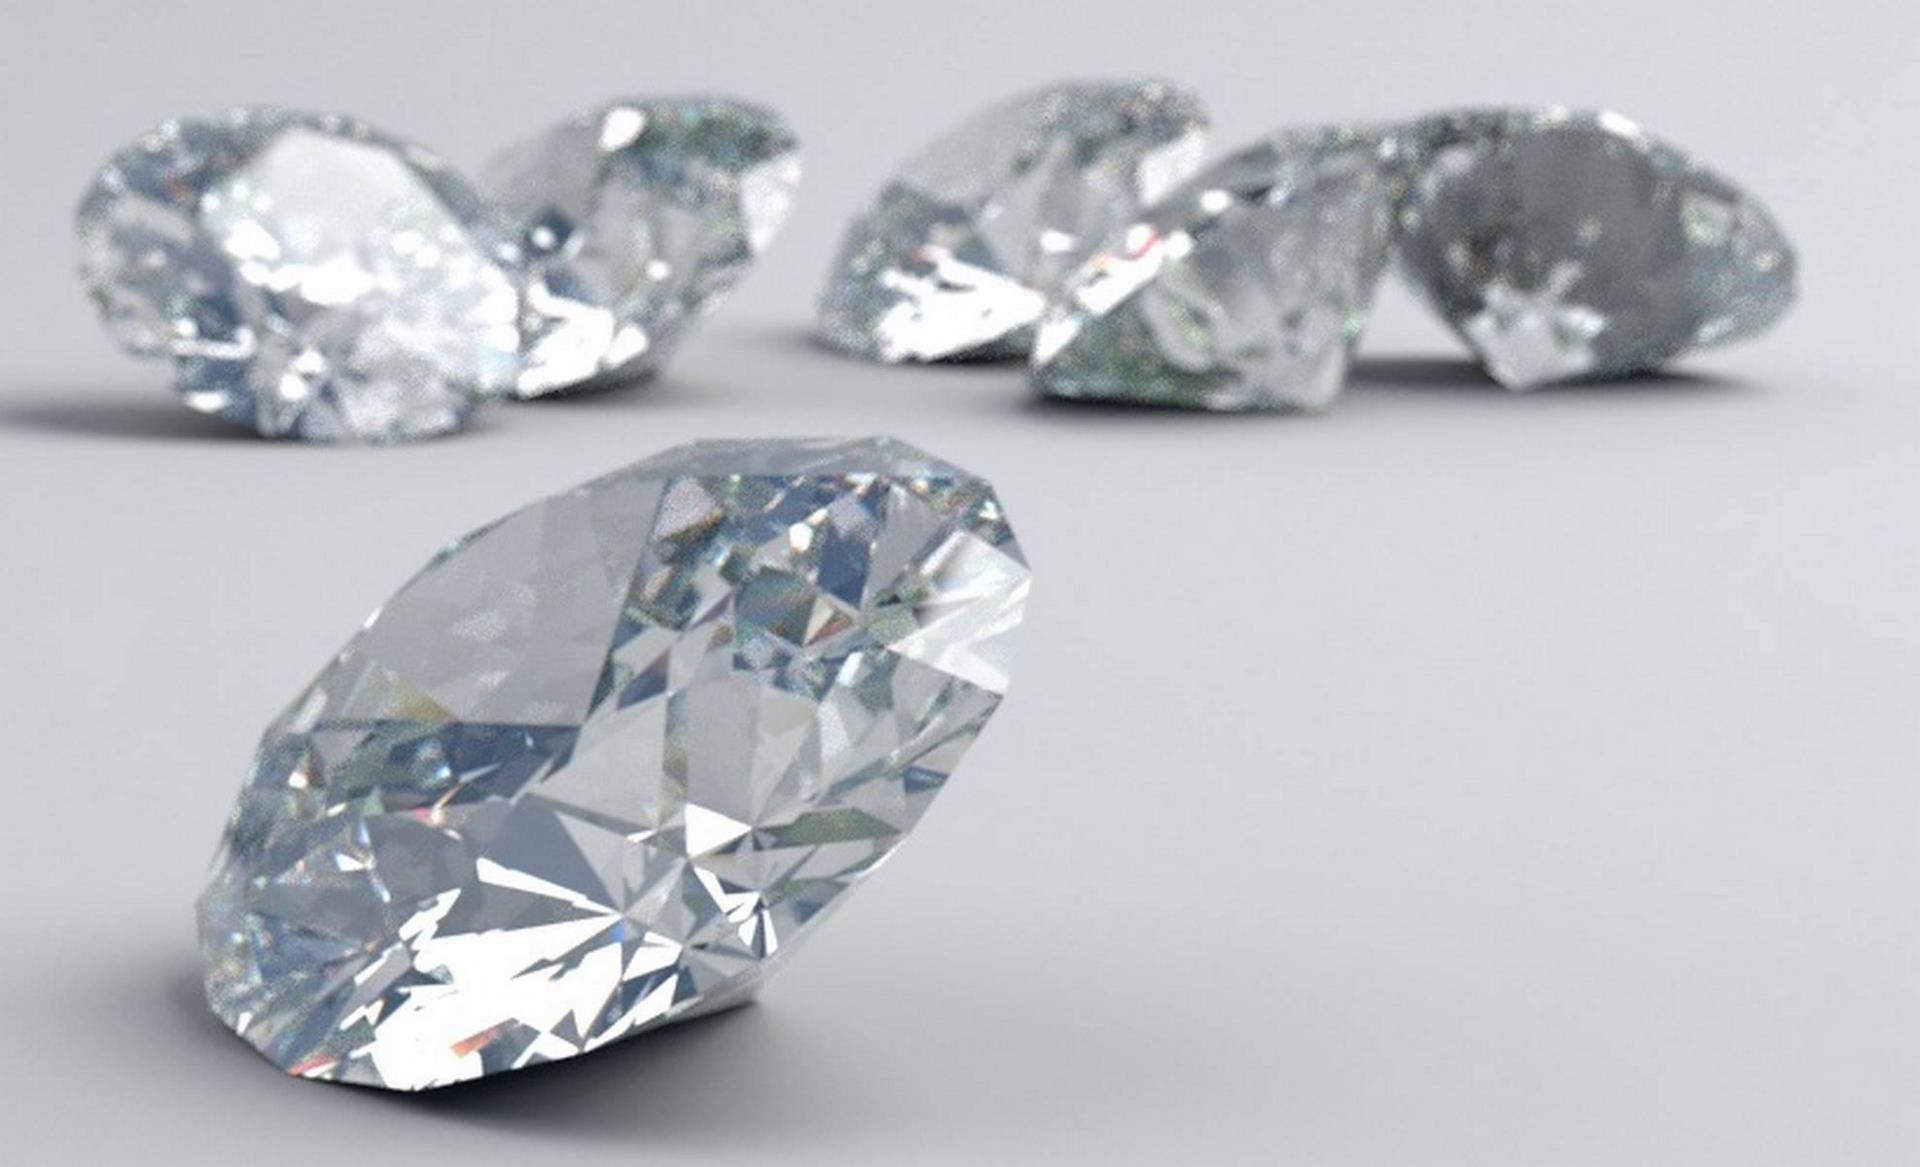 Diamantenfund: Wissenschaftler entdeckt eine Quadrillion Diamanten tief versteckt in der Erde